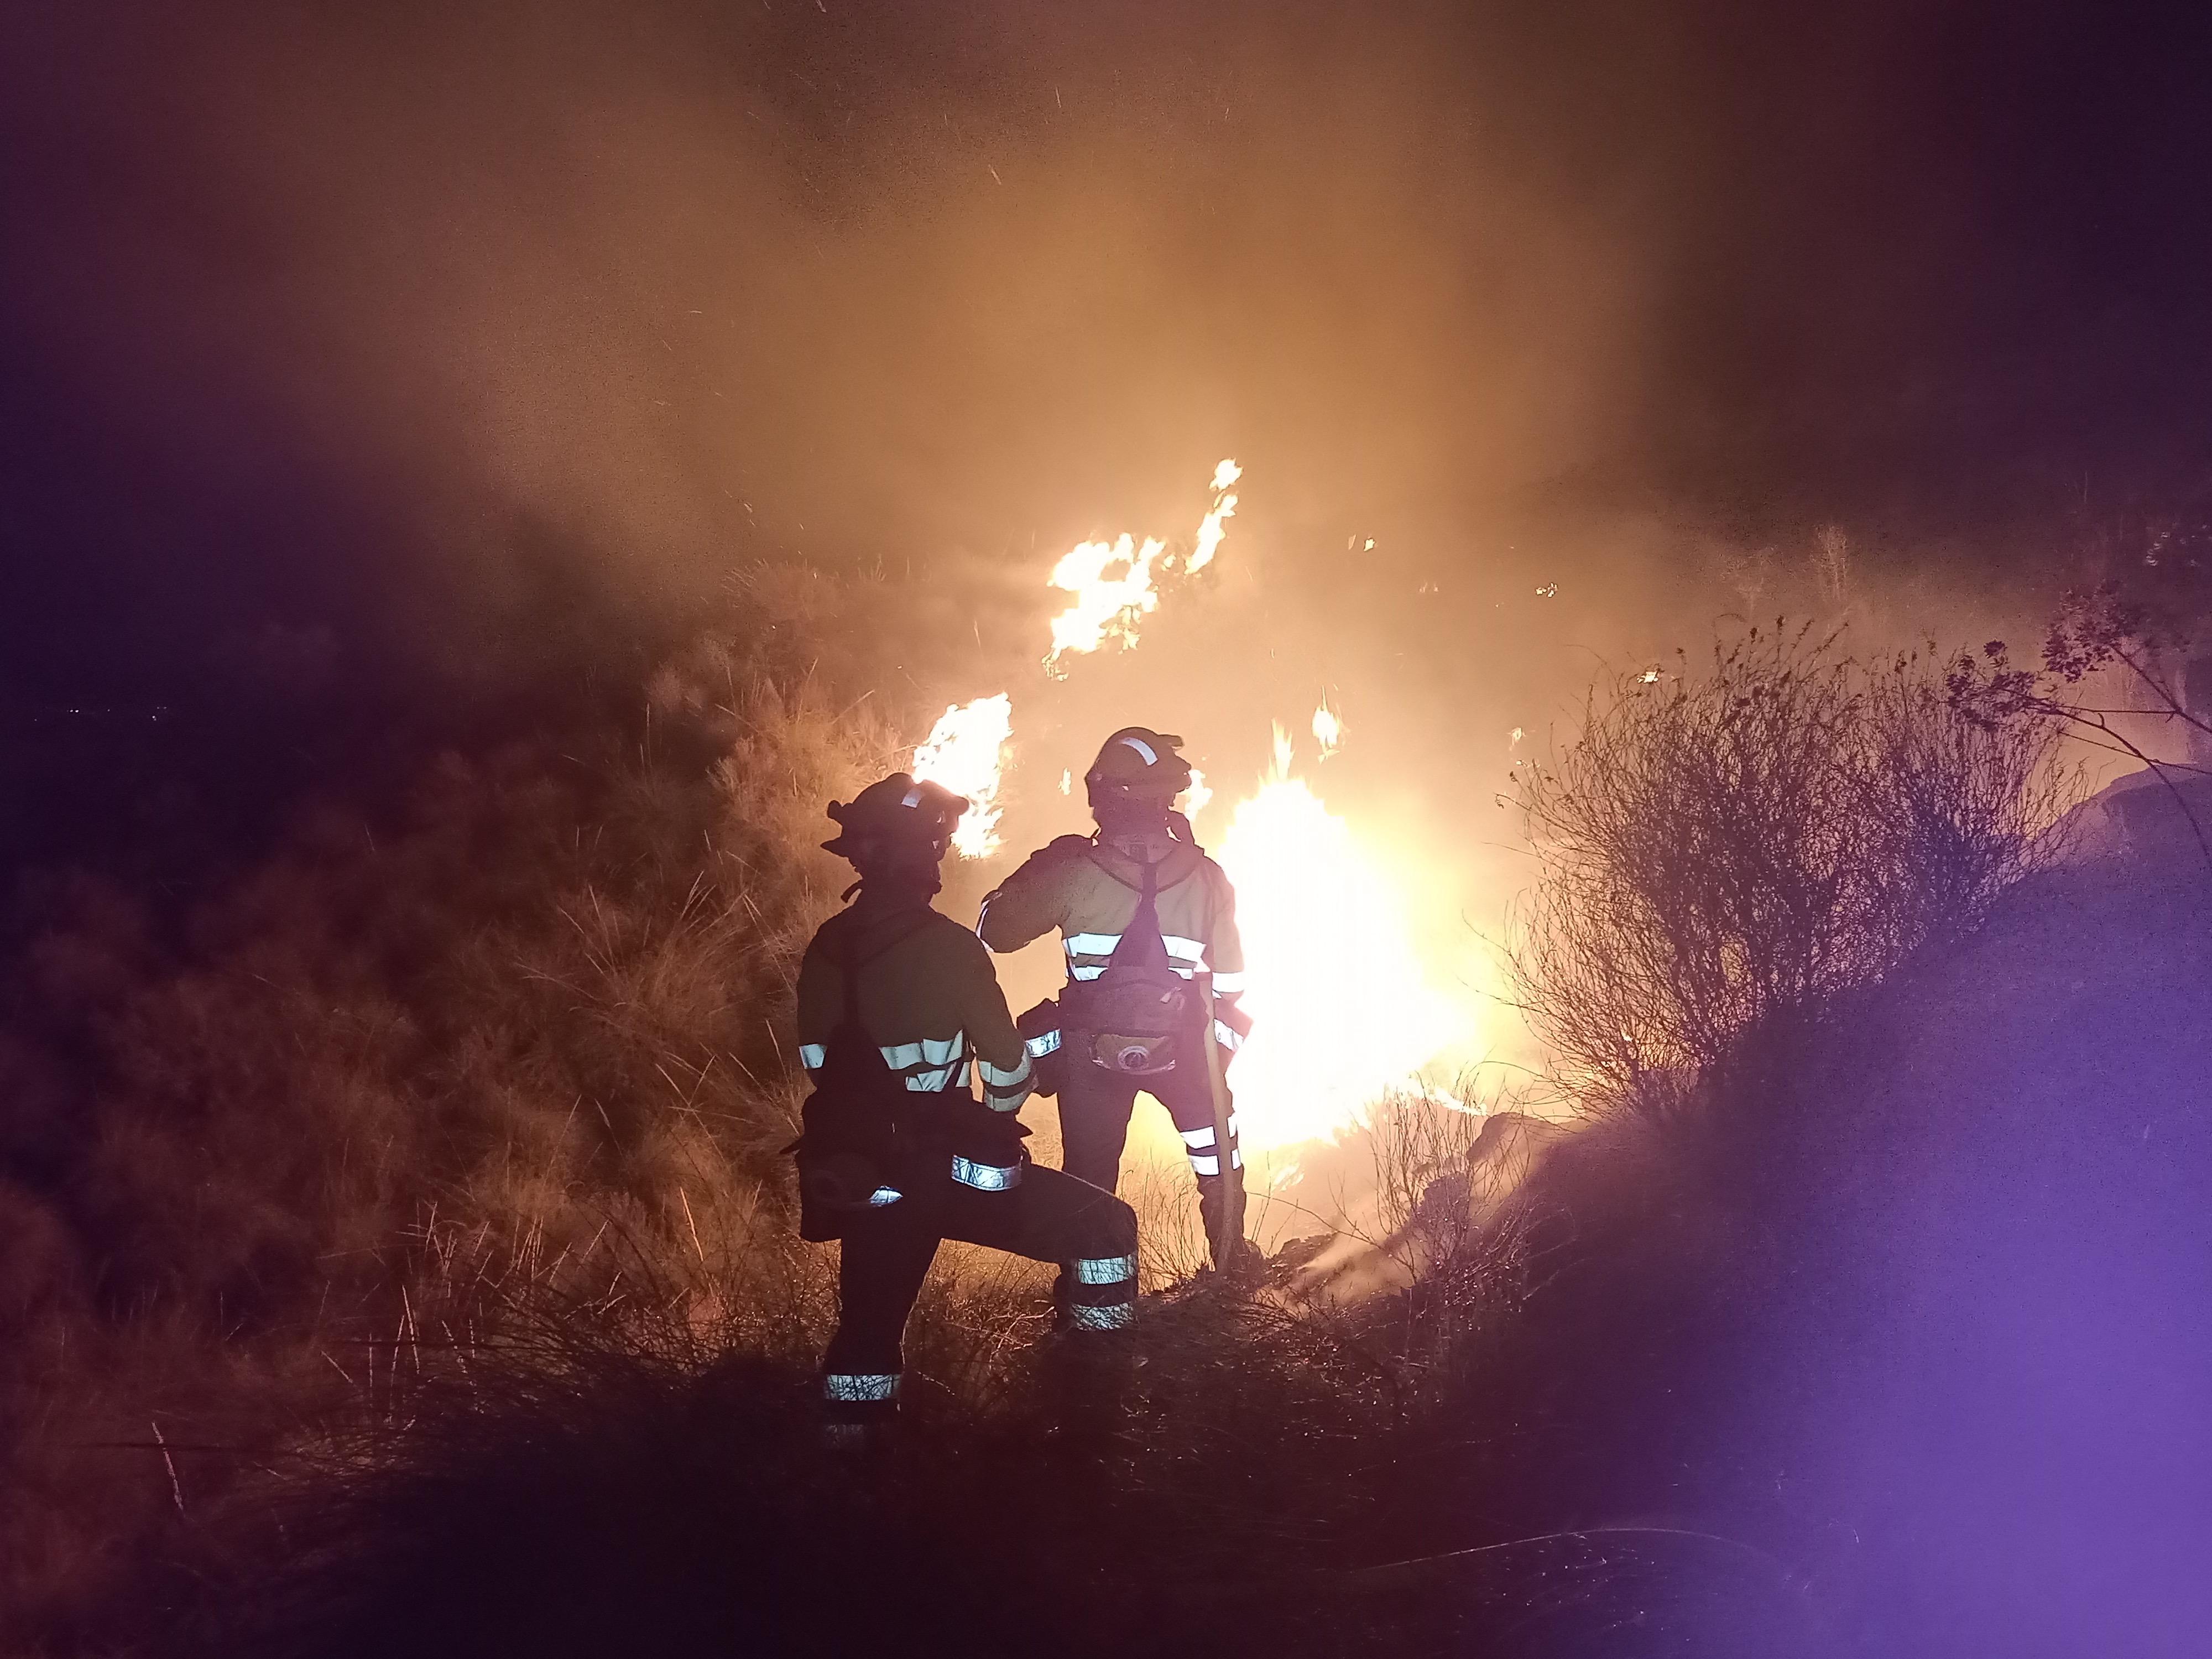 El fuego, durante la noche del lunes día 10. Imagen: Unidad de Defensa contra los Incendios Forestales de la Dirección General del Medio Natural